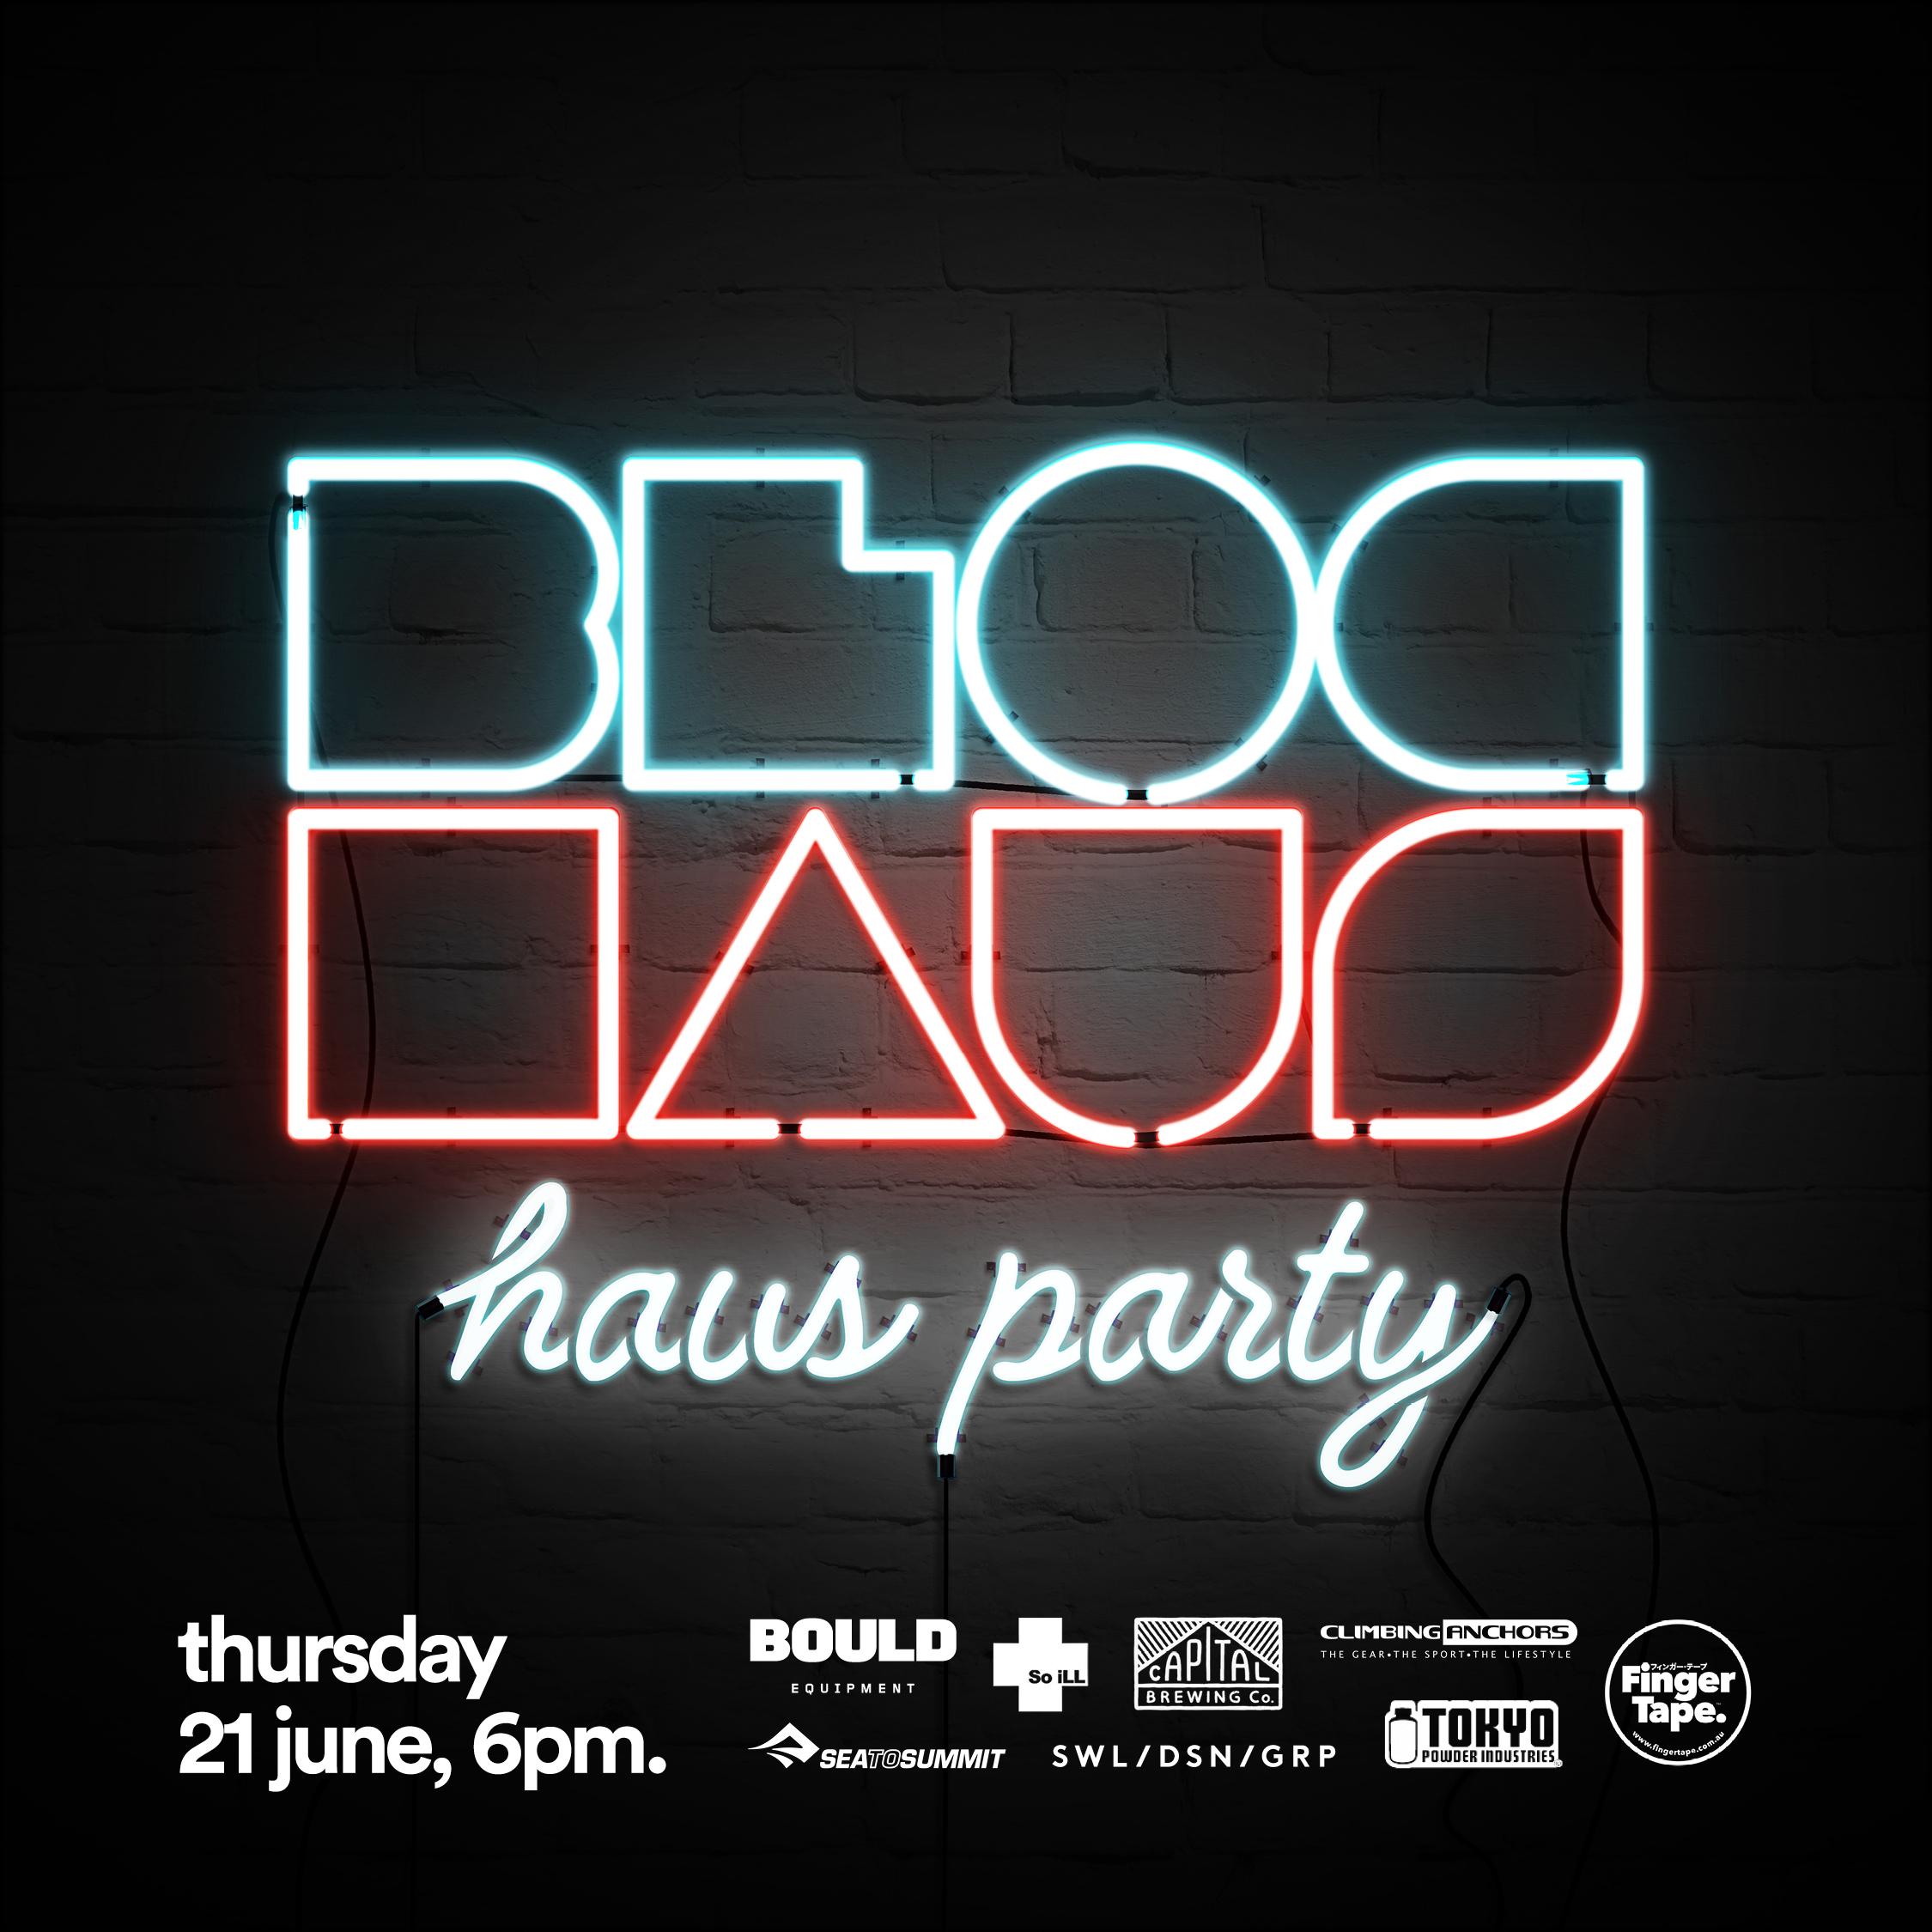 2nd haus party — thursday june 21, 6pm.